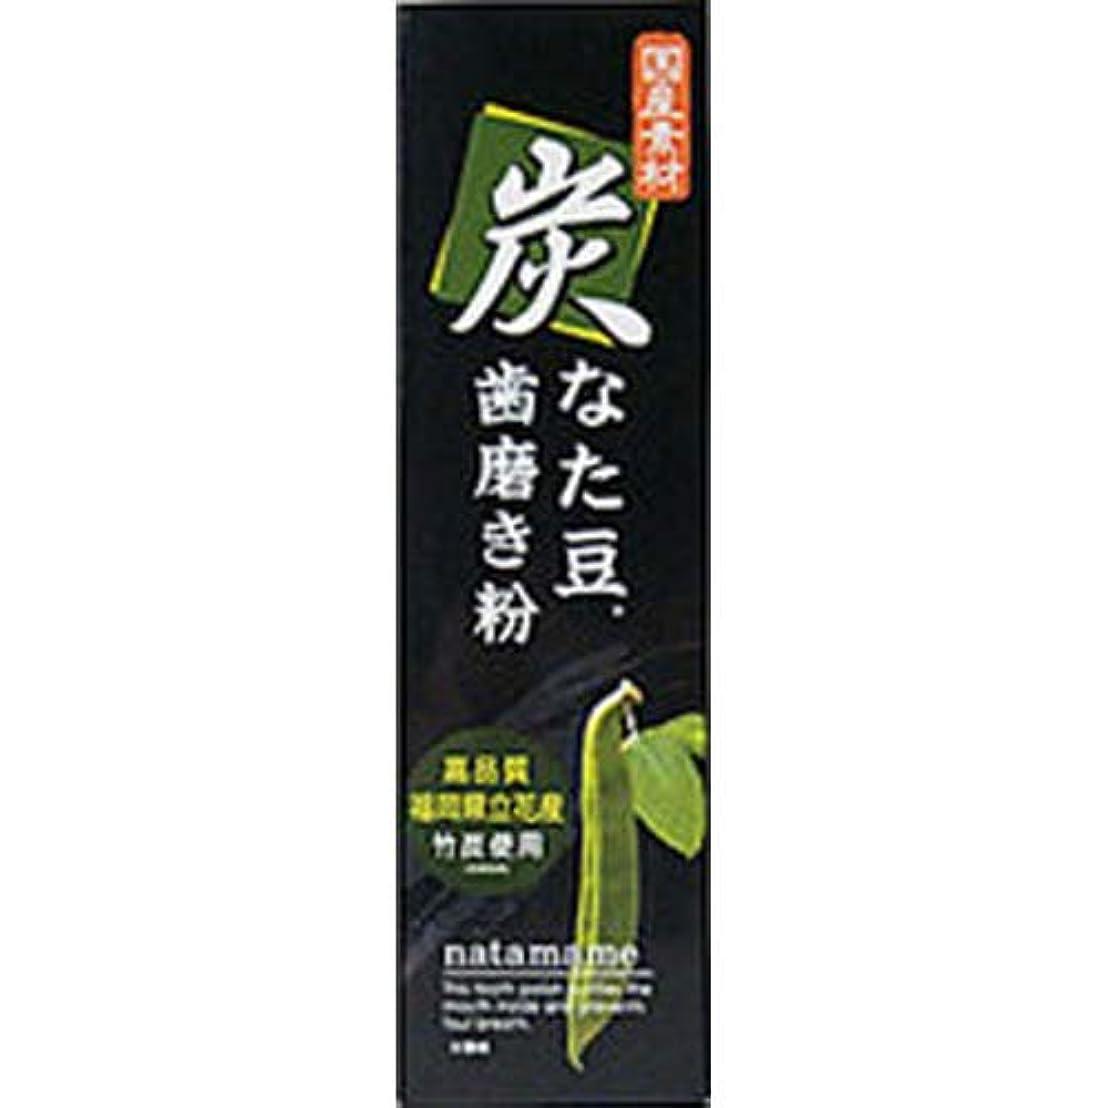 スキームはず拒絶する炭なた豆歯磨き粉 120g